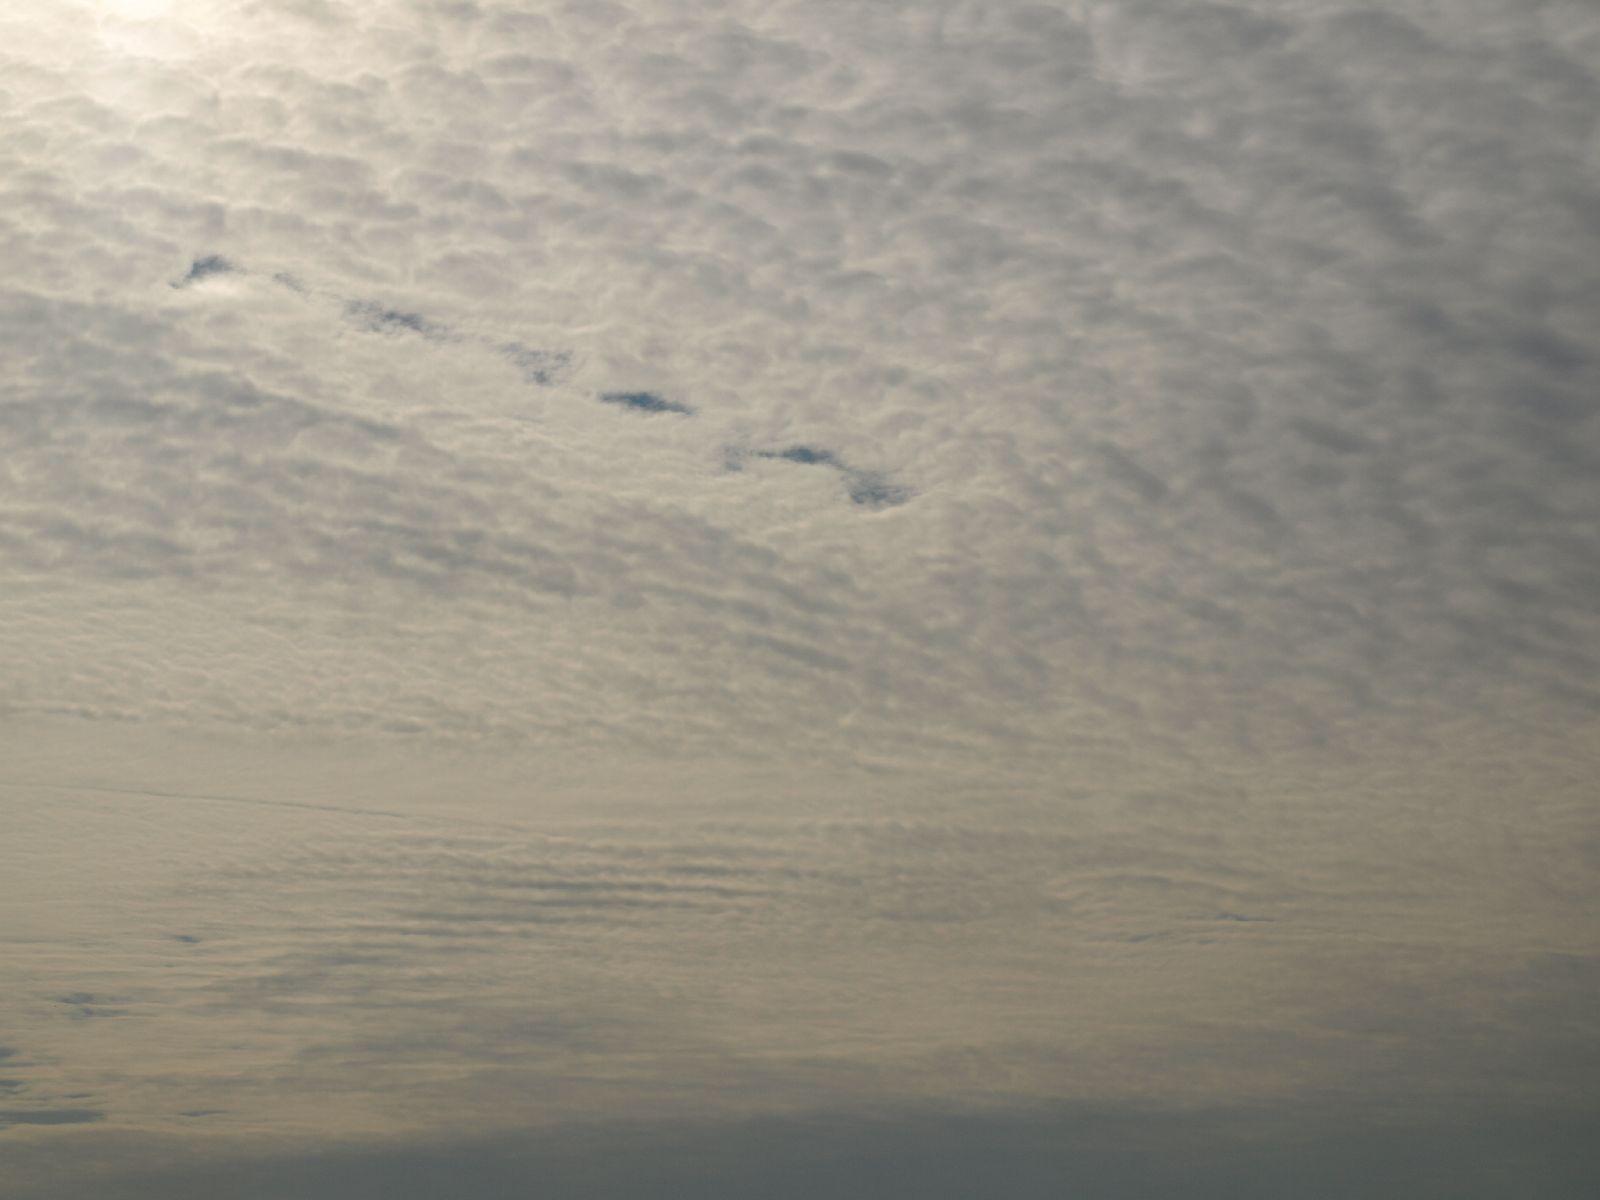 Himmel-Wolken-Foto_Textur_A_P9195050